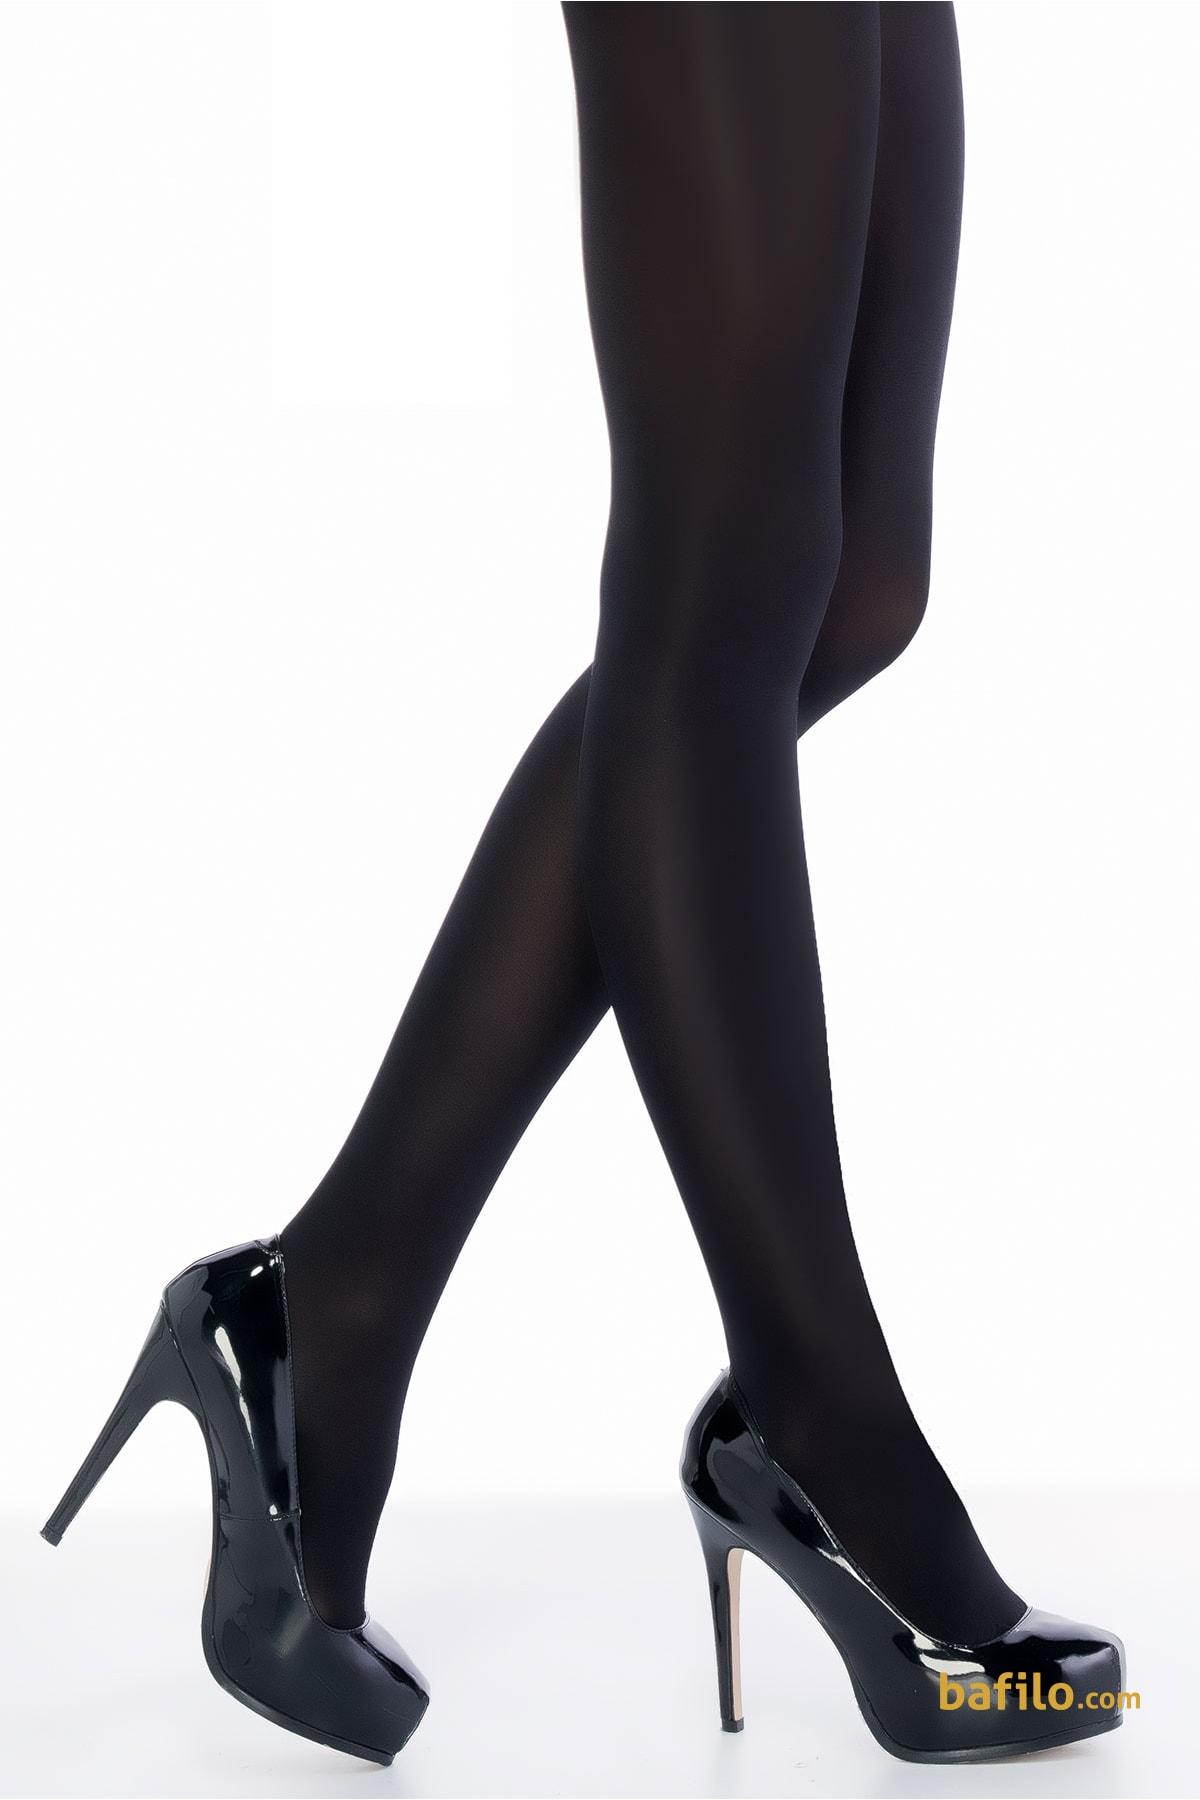 پنتی | Penti - جوراب شلواری ضخیم زنانه پنتی Mikro 100 - مشکی